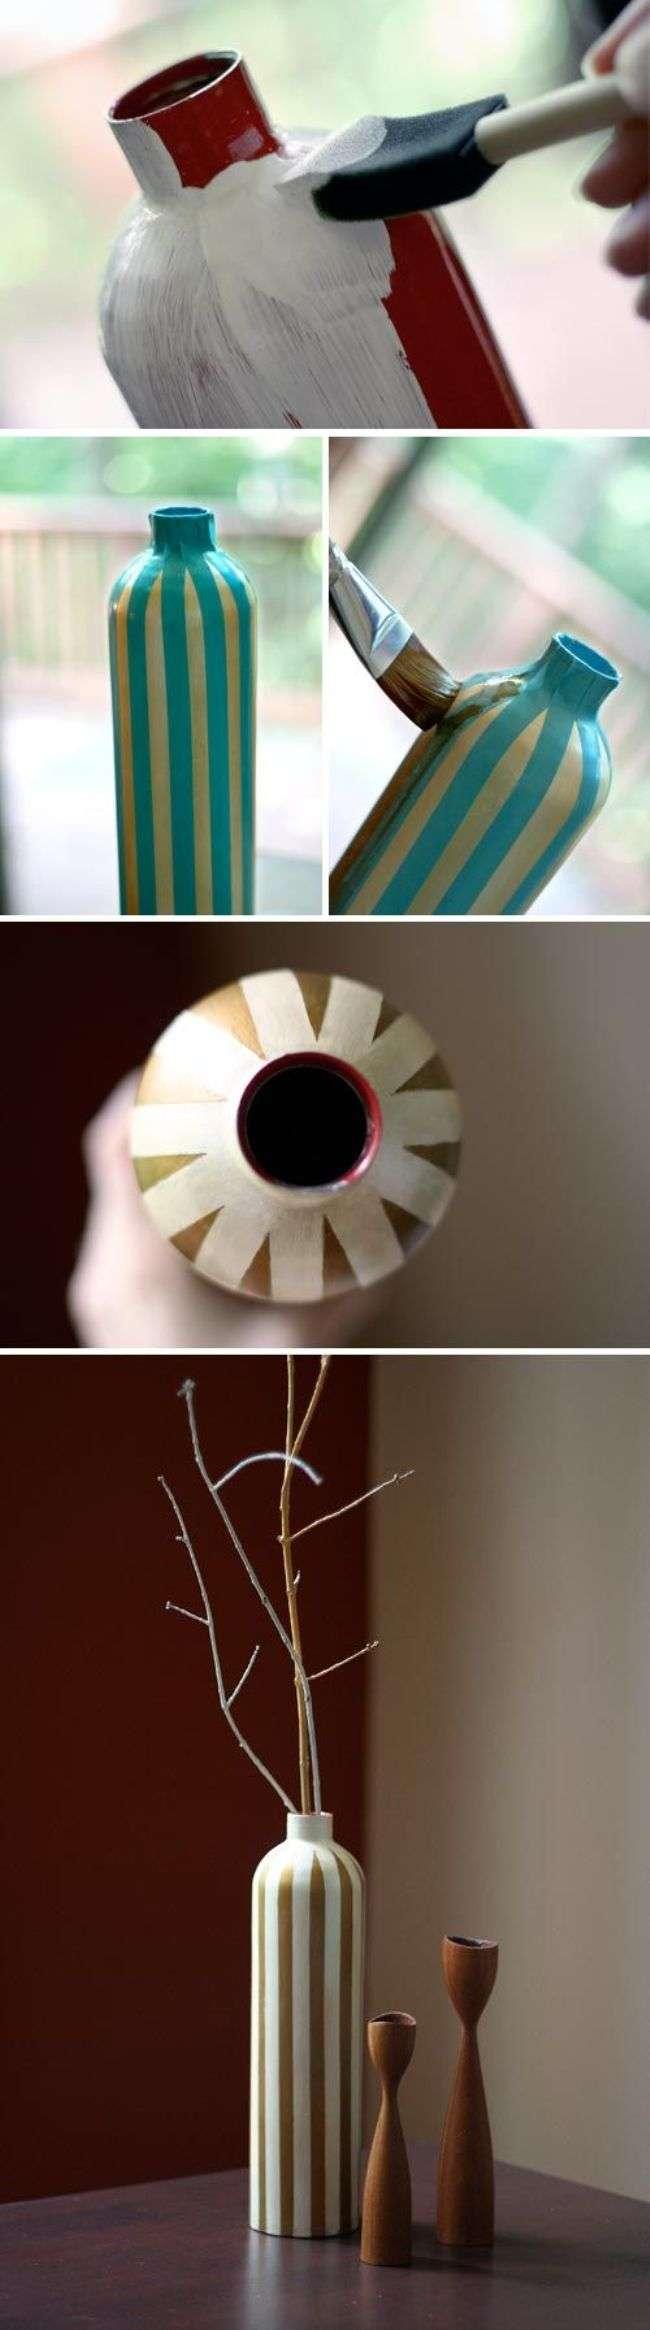 Підлогові вази своїми руками: 50 надихаючих ідей і кращі реалізації в інтерєрі